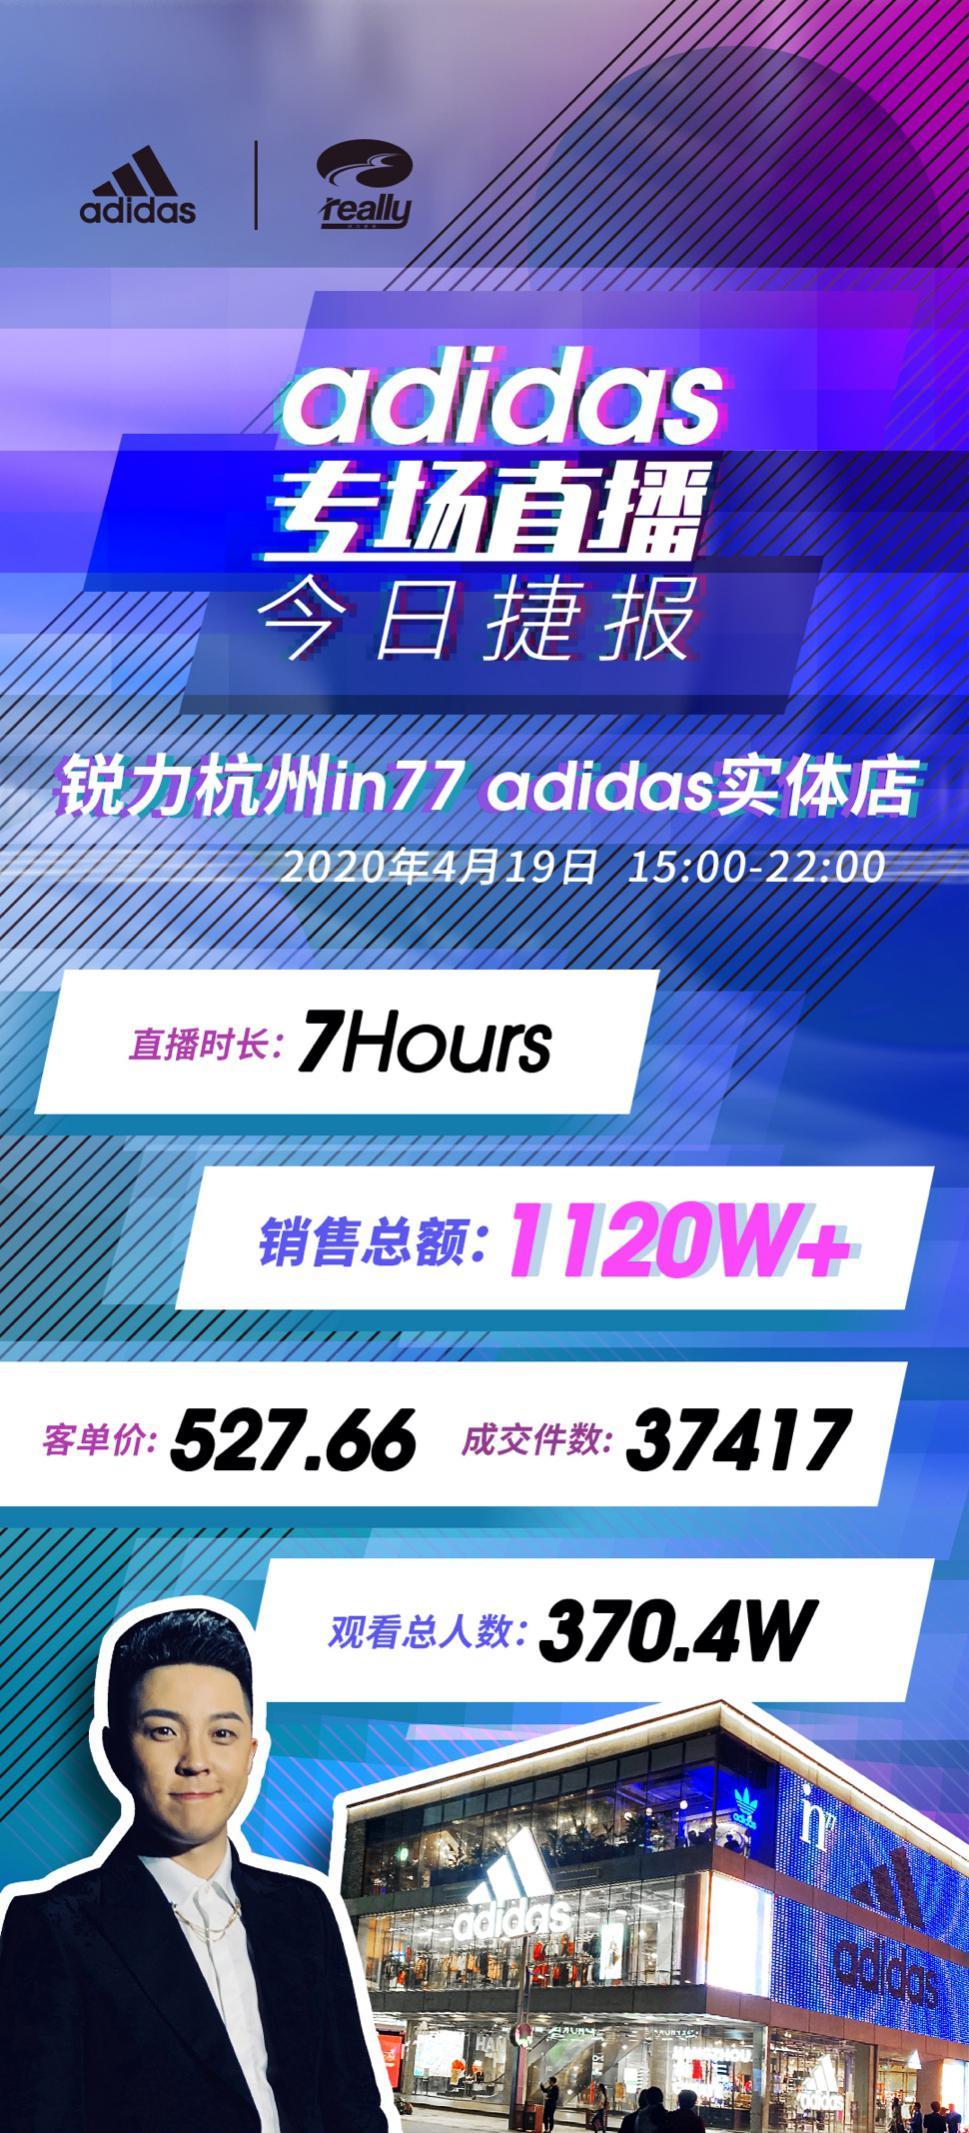 浙江最大阿迪达斯门店试水快手超级品牌日,单日卖货千万超最高月销售记录